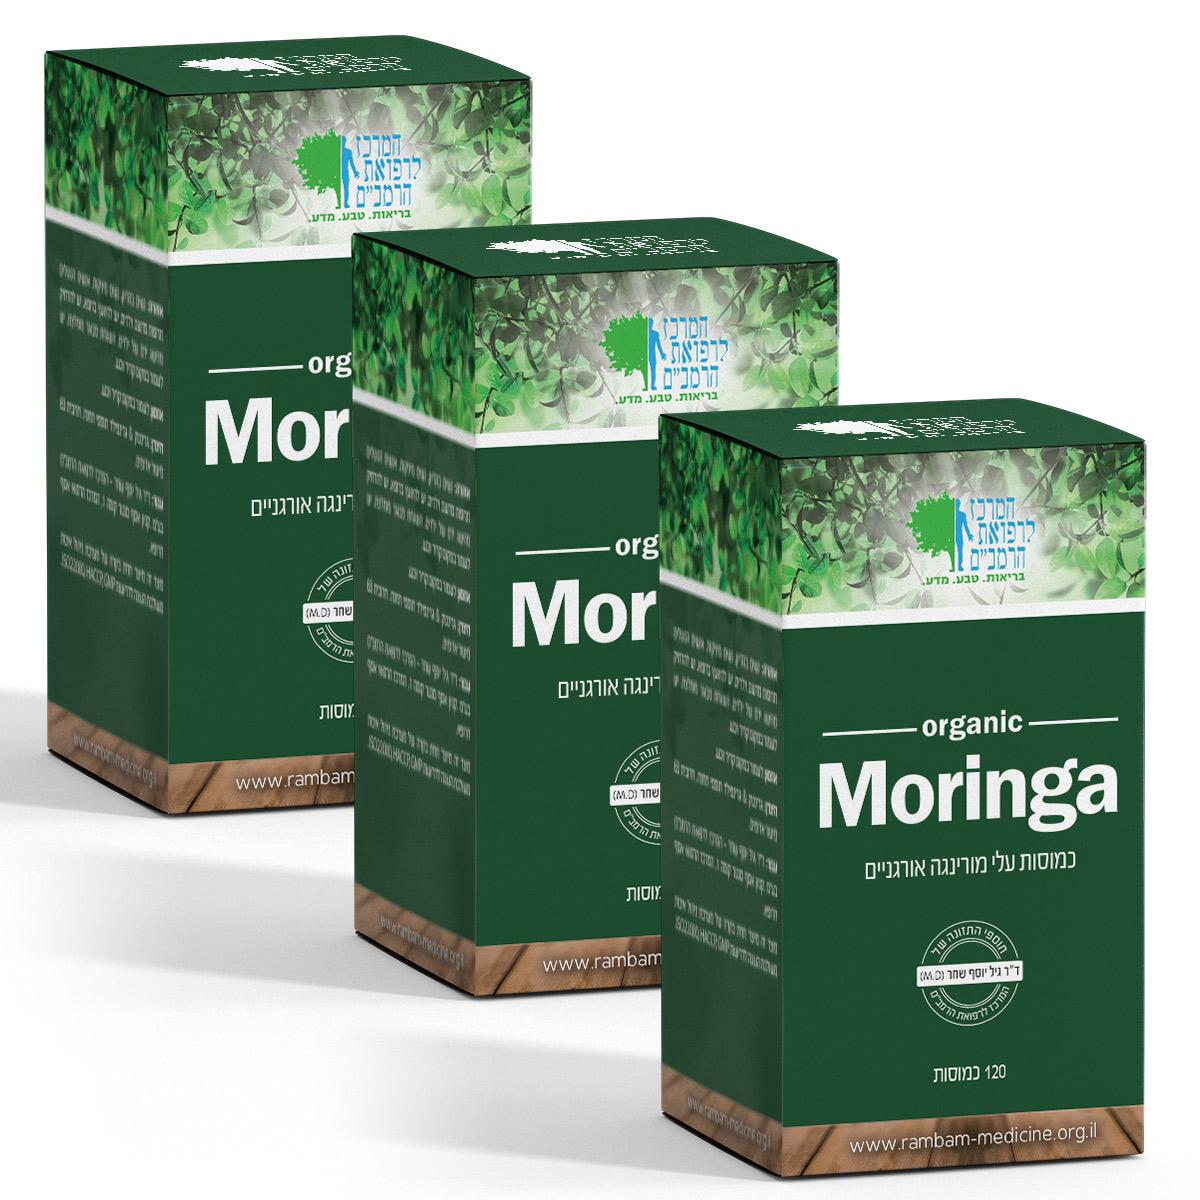 עלי מורינגה אורגניים בכמוסות במחיר מבצע! + מארז תה מורינגה אורגני בחינם!